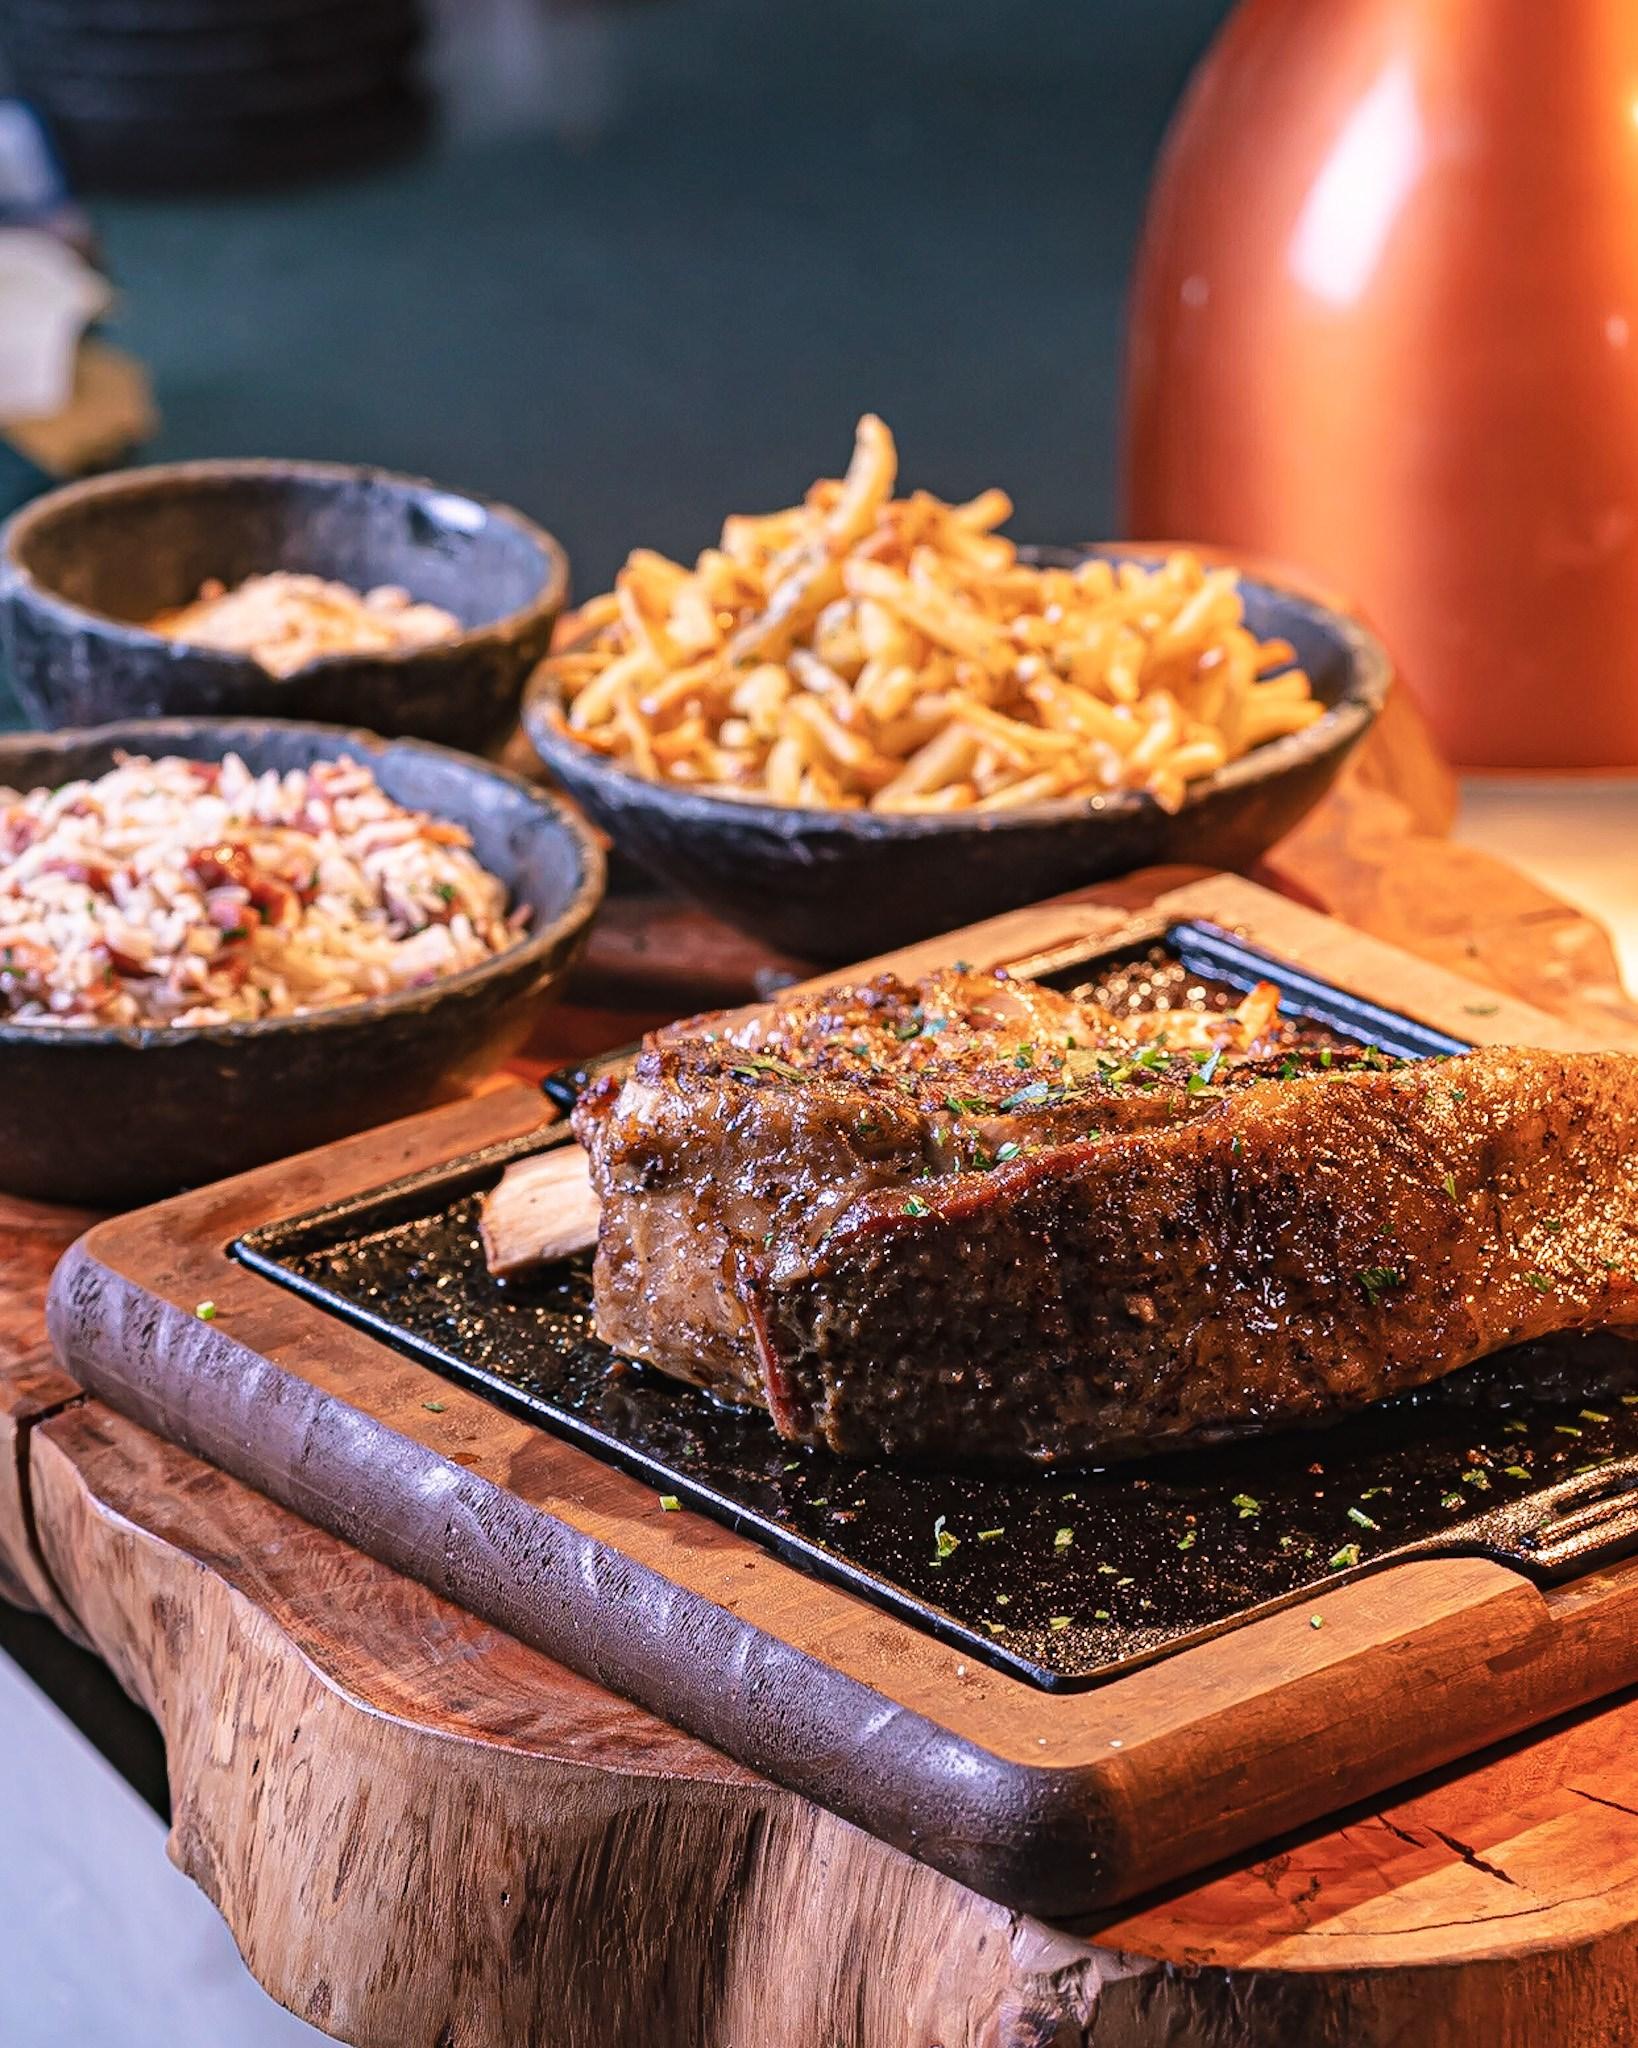 Sábado de porções, assados, pratos saborosos, chopp de primeira e muito mais